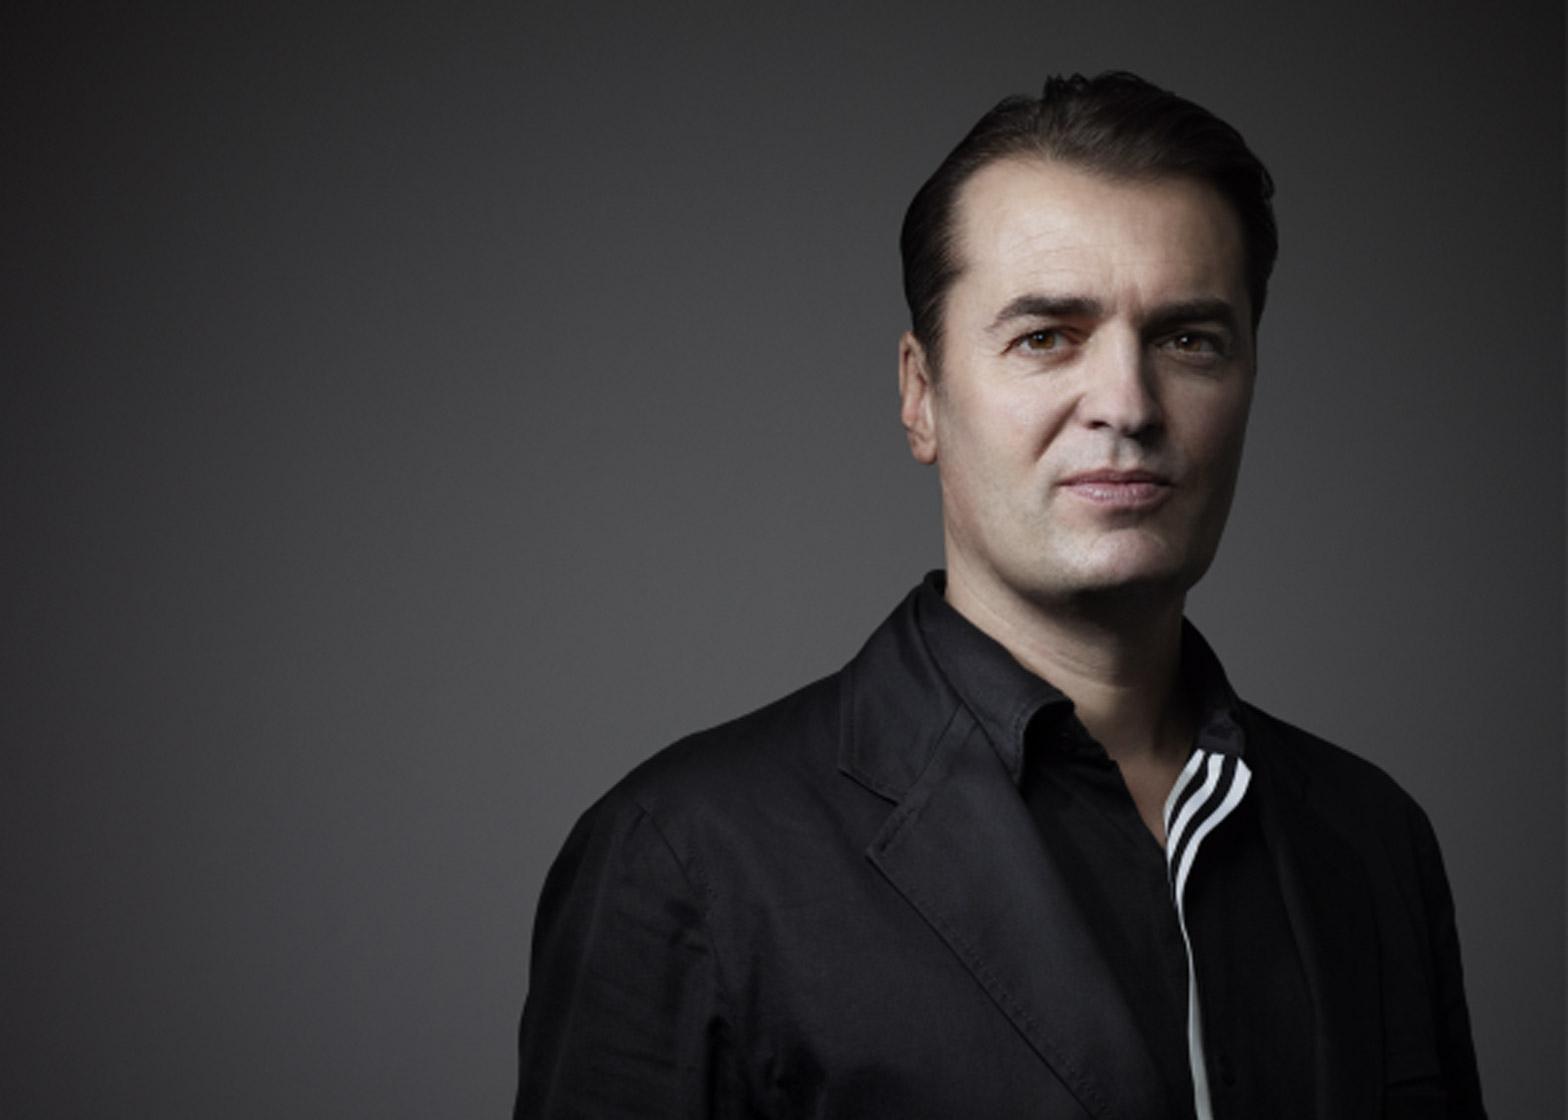 Patrik Schumacher